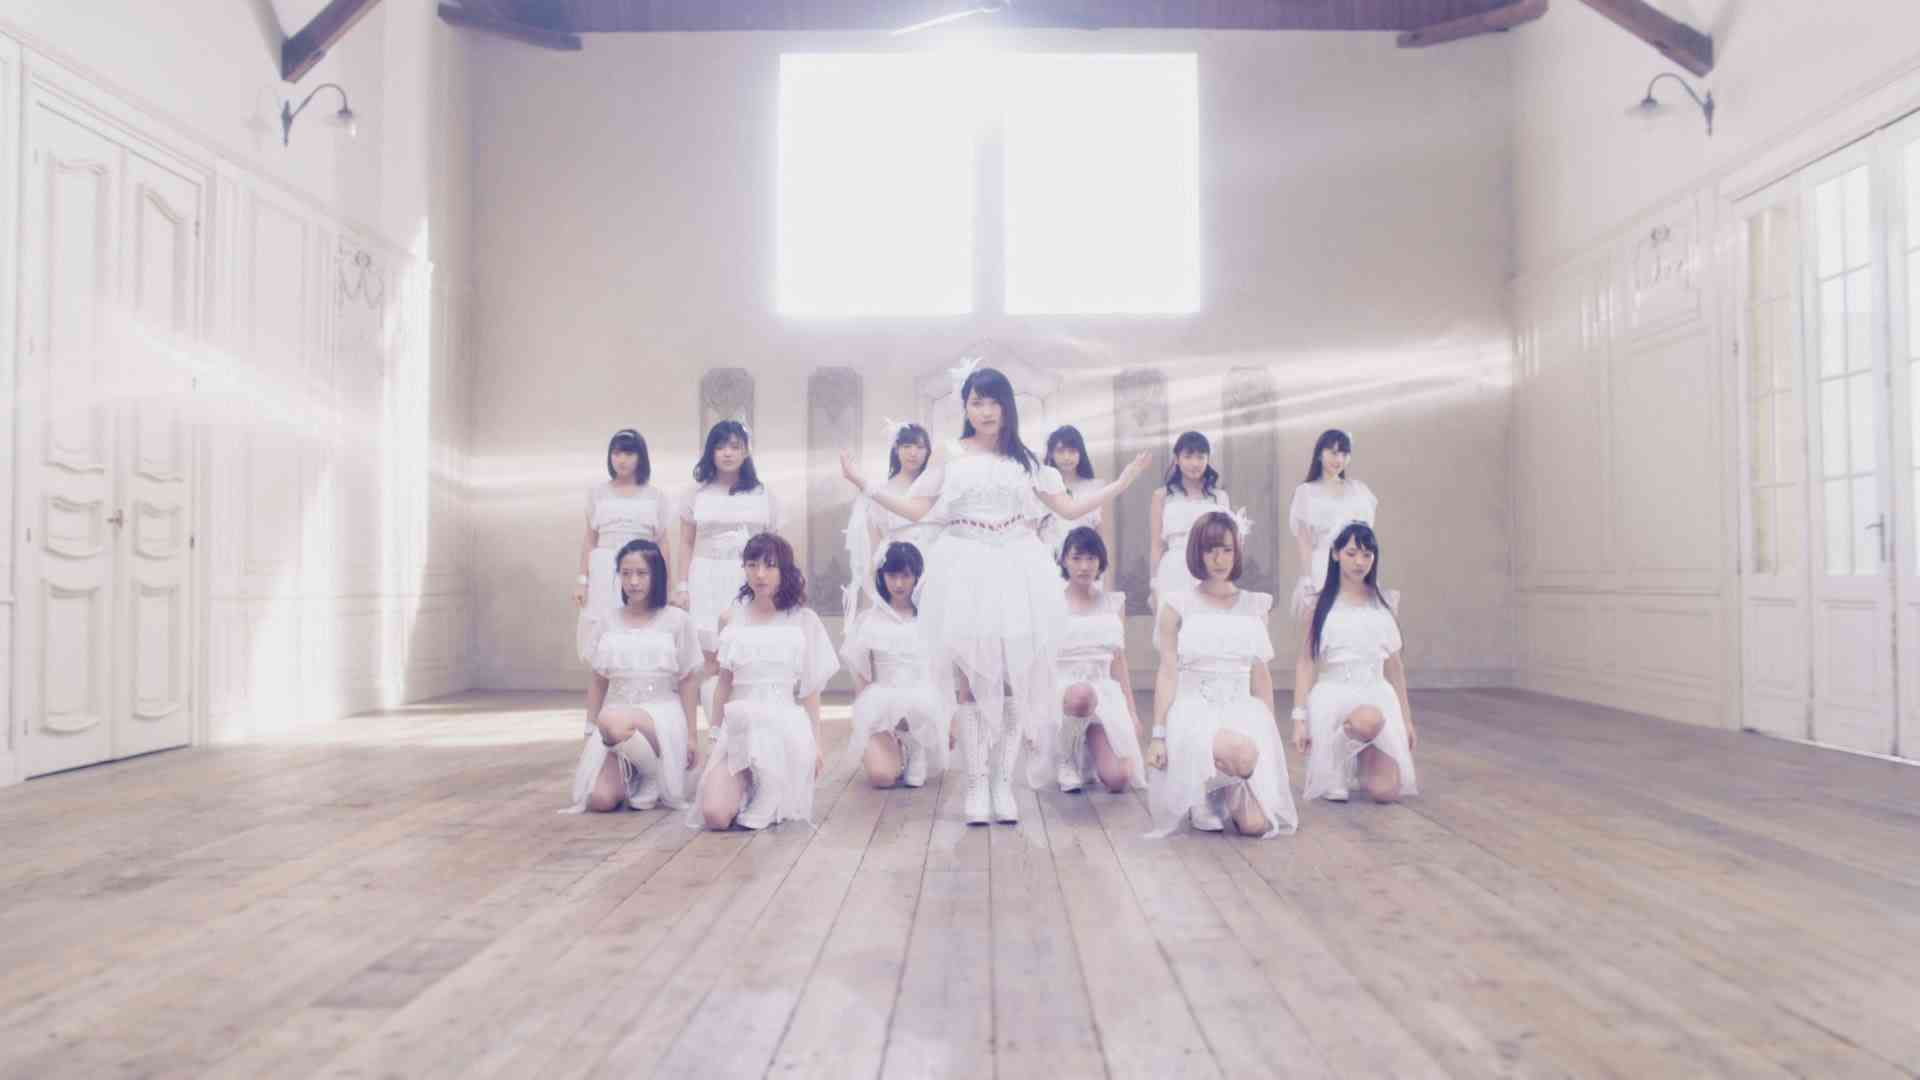 モーニング娘。'15『冷たい風と片思い』(Morning Musume。'15[The Cold Wind and Lonely Love]) (Promotion Edit) - YouTube